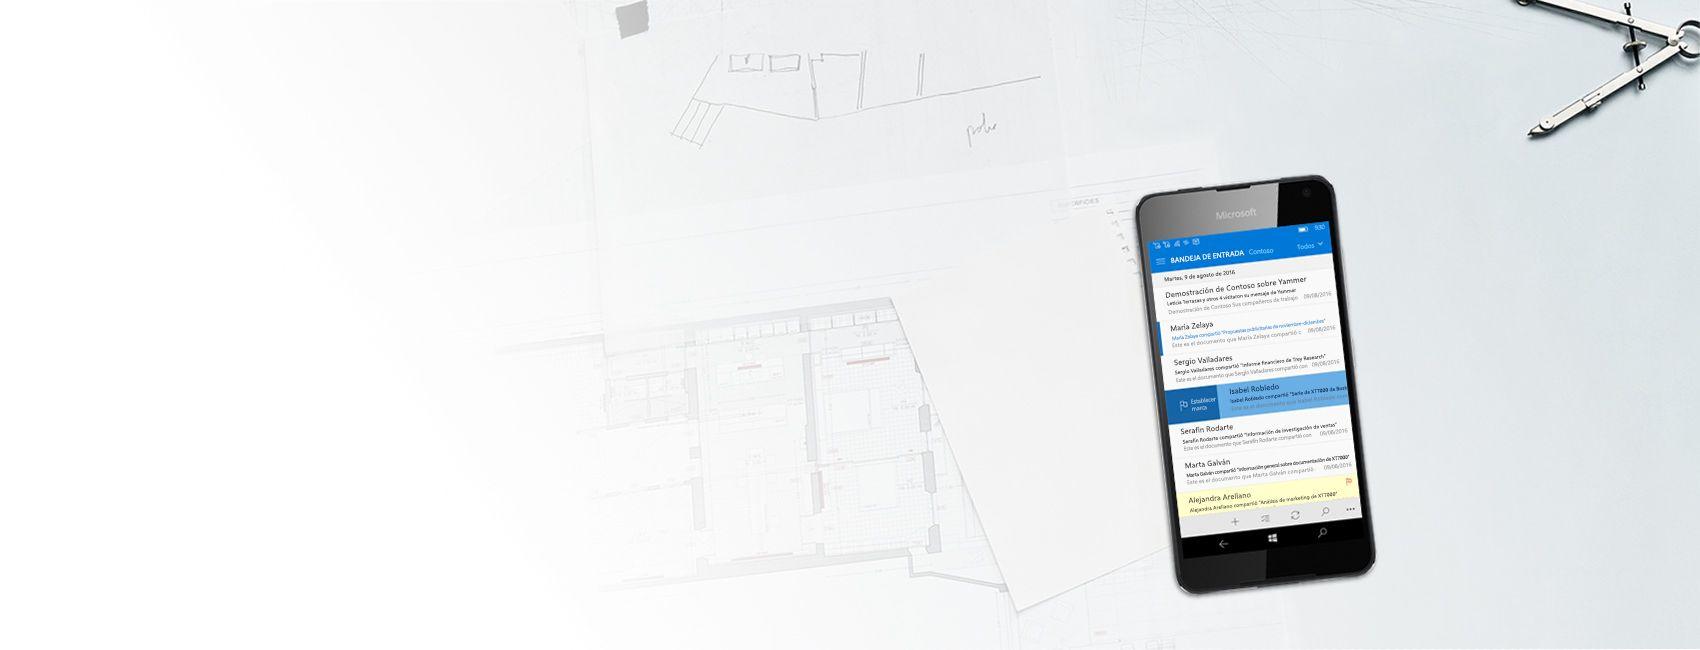 Teléfono Windows en el que se muestra una Bandeja de entrada de correo en Outlook para Windows 10 Mobile